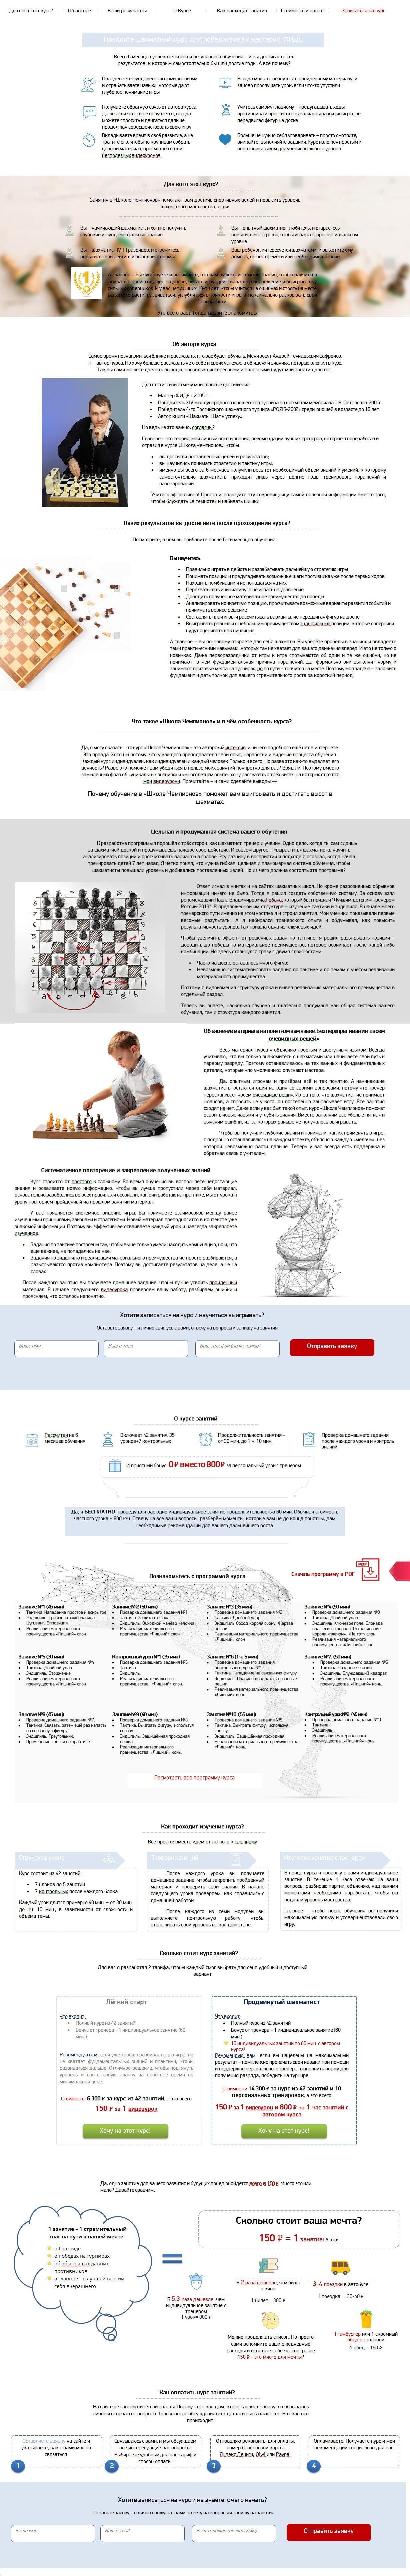 Имиджевый текст с прототипом о курсе обучения шахматам